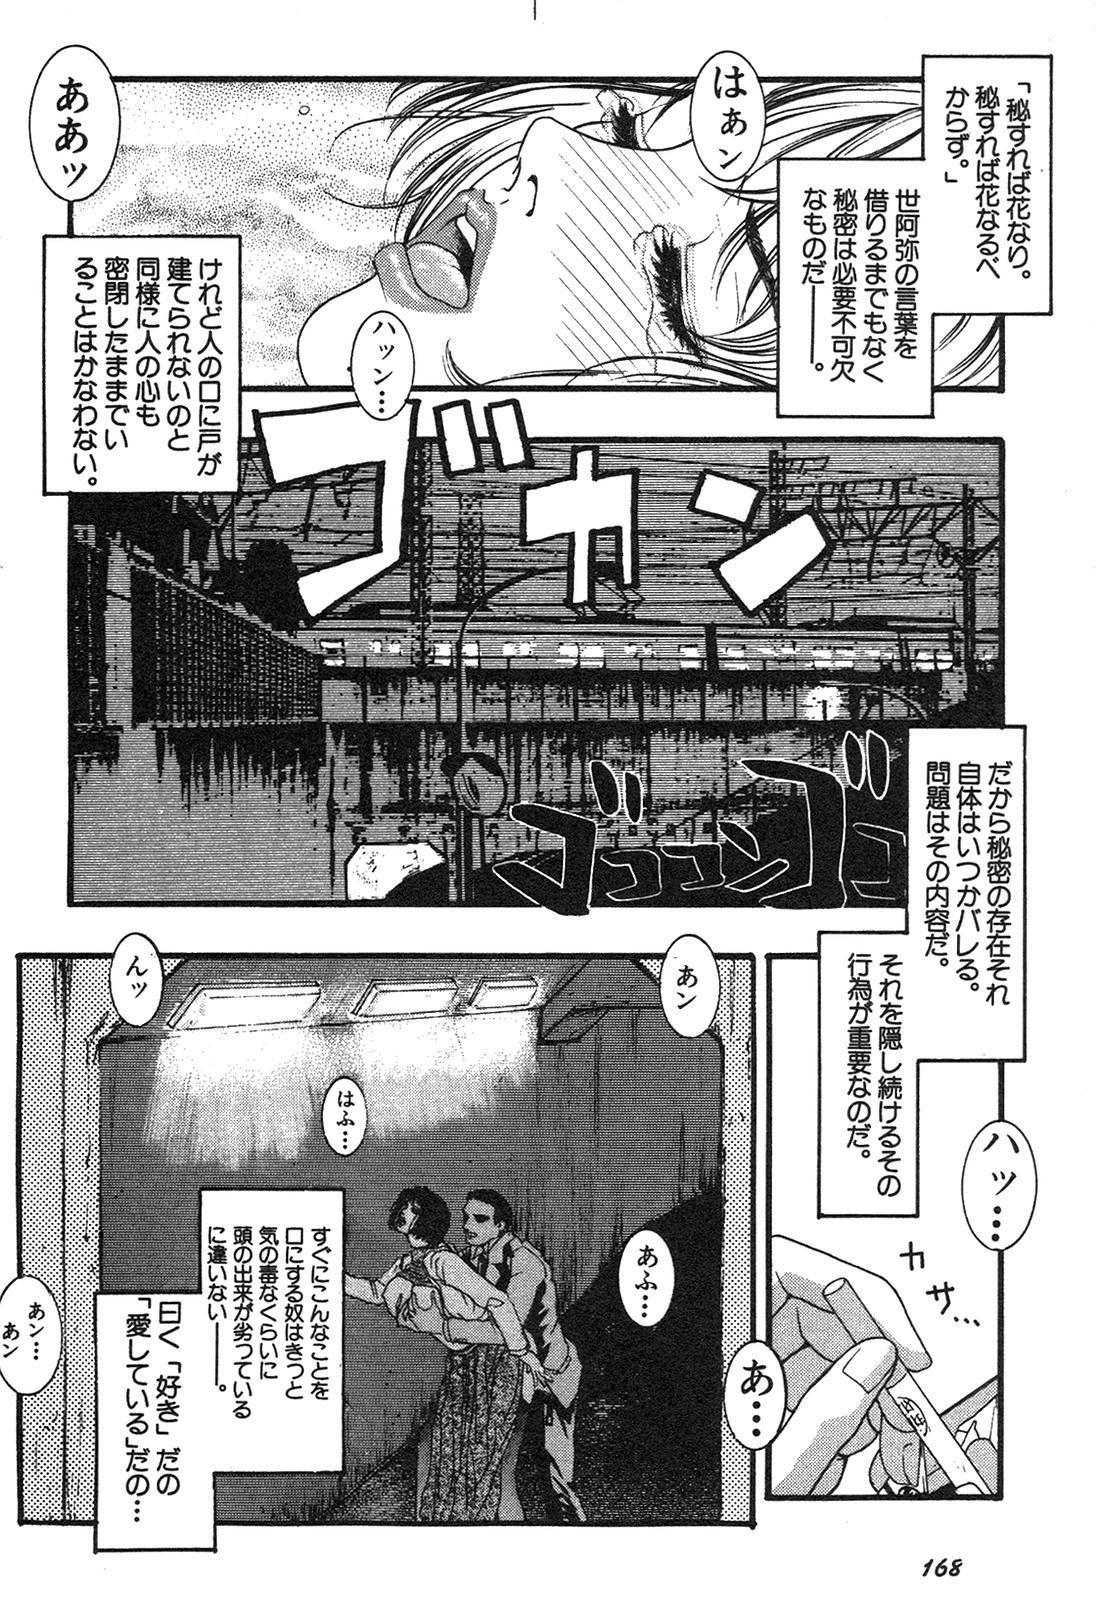 Shin Bishoujo Shoukougun 3 Yamato hen 168